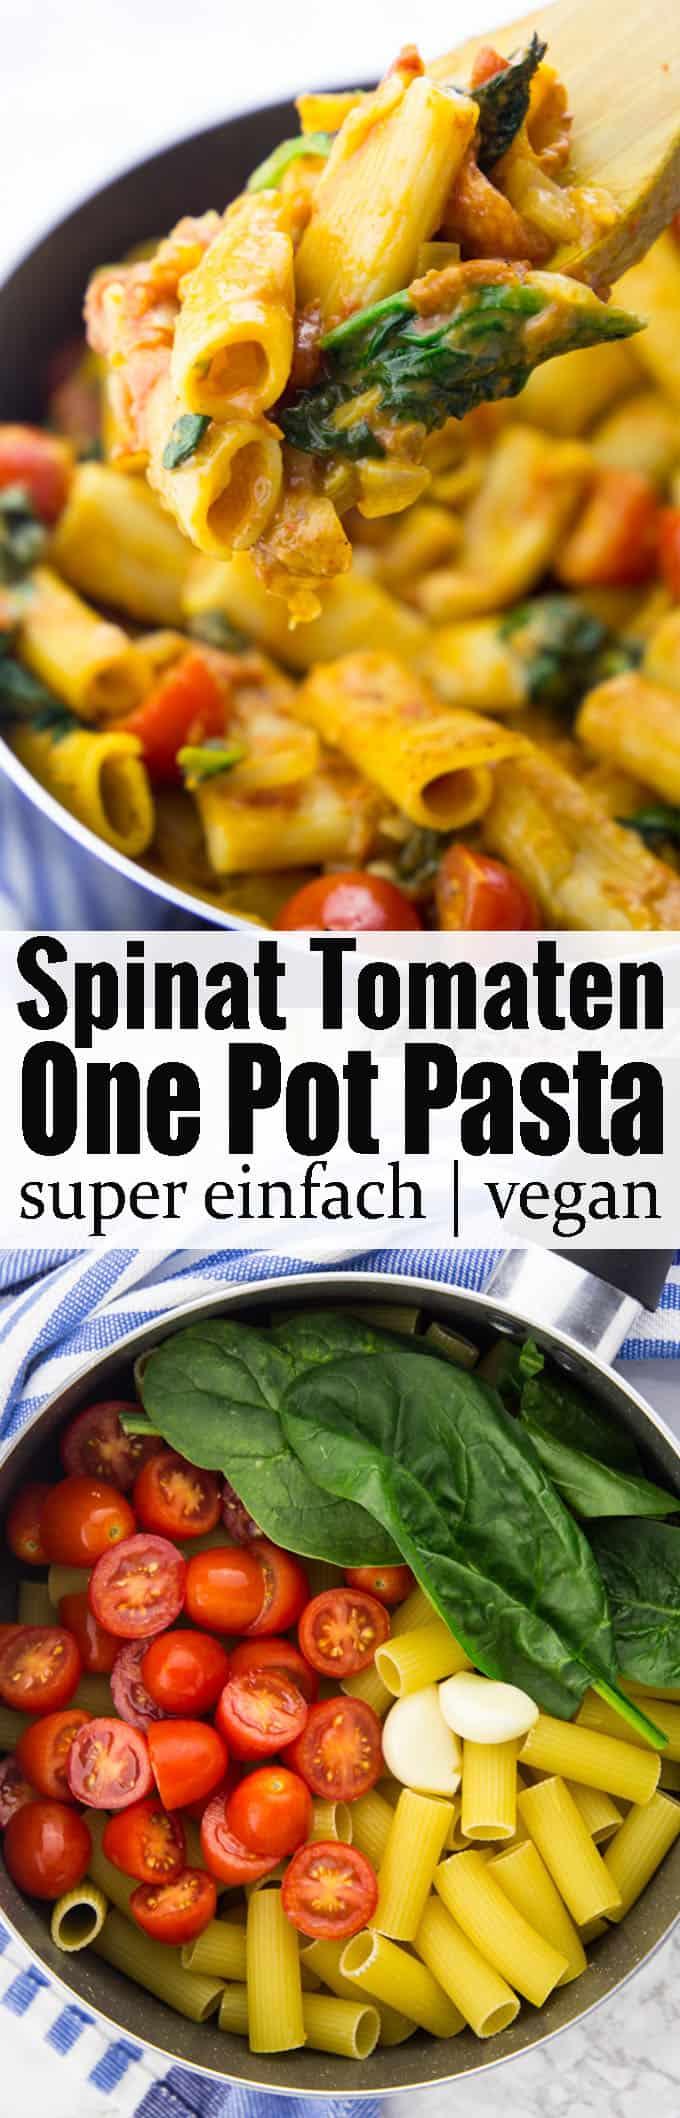 Einfache Nudel Rezepte gesucht? Diese One Pot Pasta mit Spinat und Tomaten sind super schnell gemacht, 100 % vegan und so lecker! Mehr vegetarische Rezepte und vegane Rezepte auf veganheaven.de!